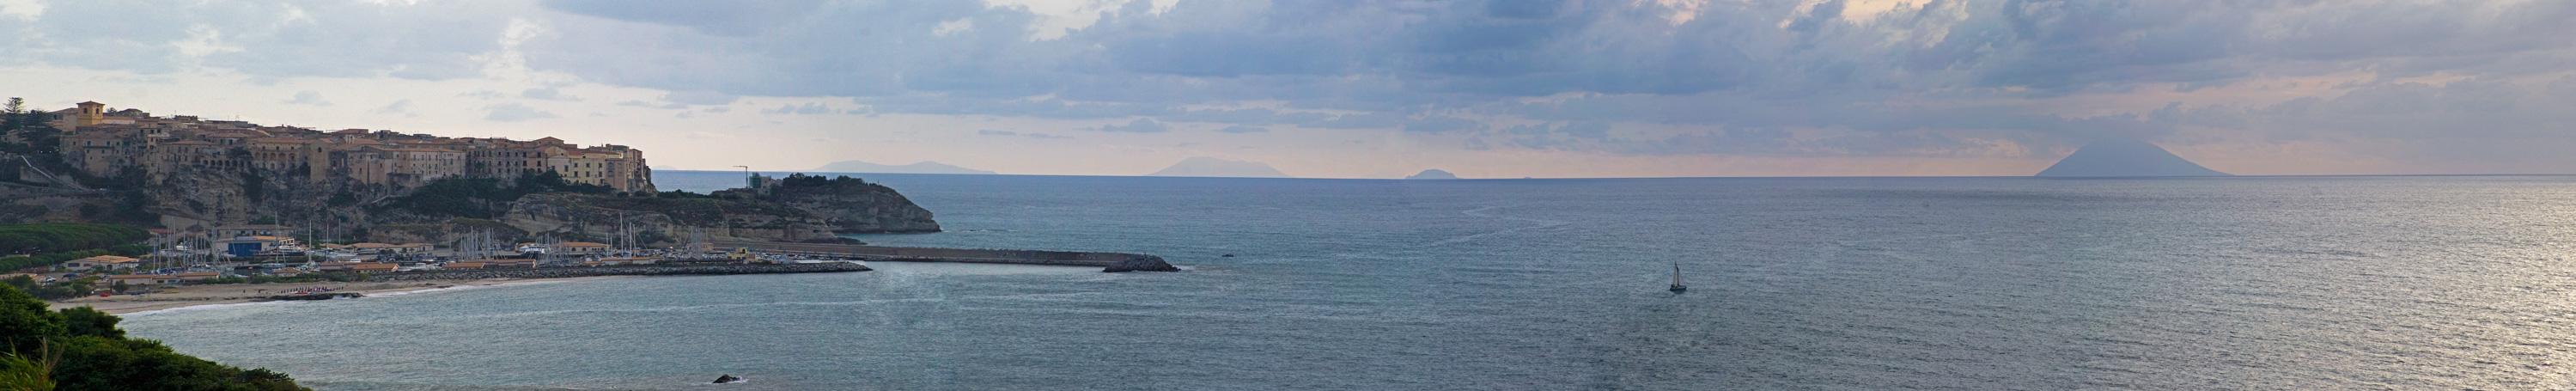 Äolischen Inseln